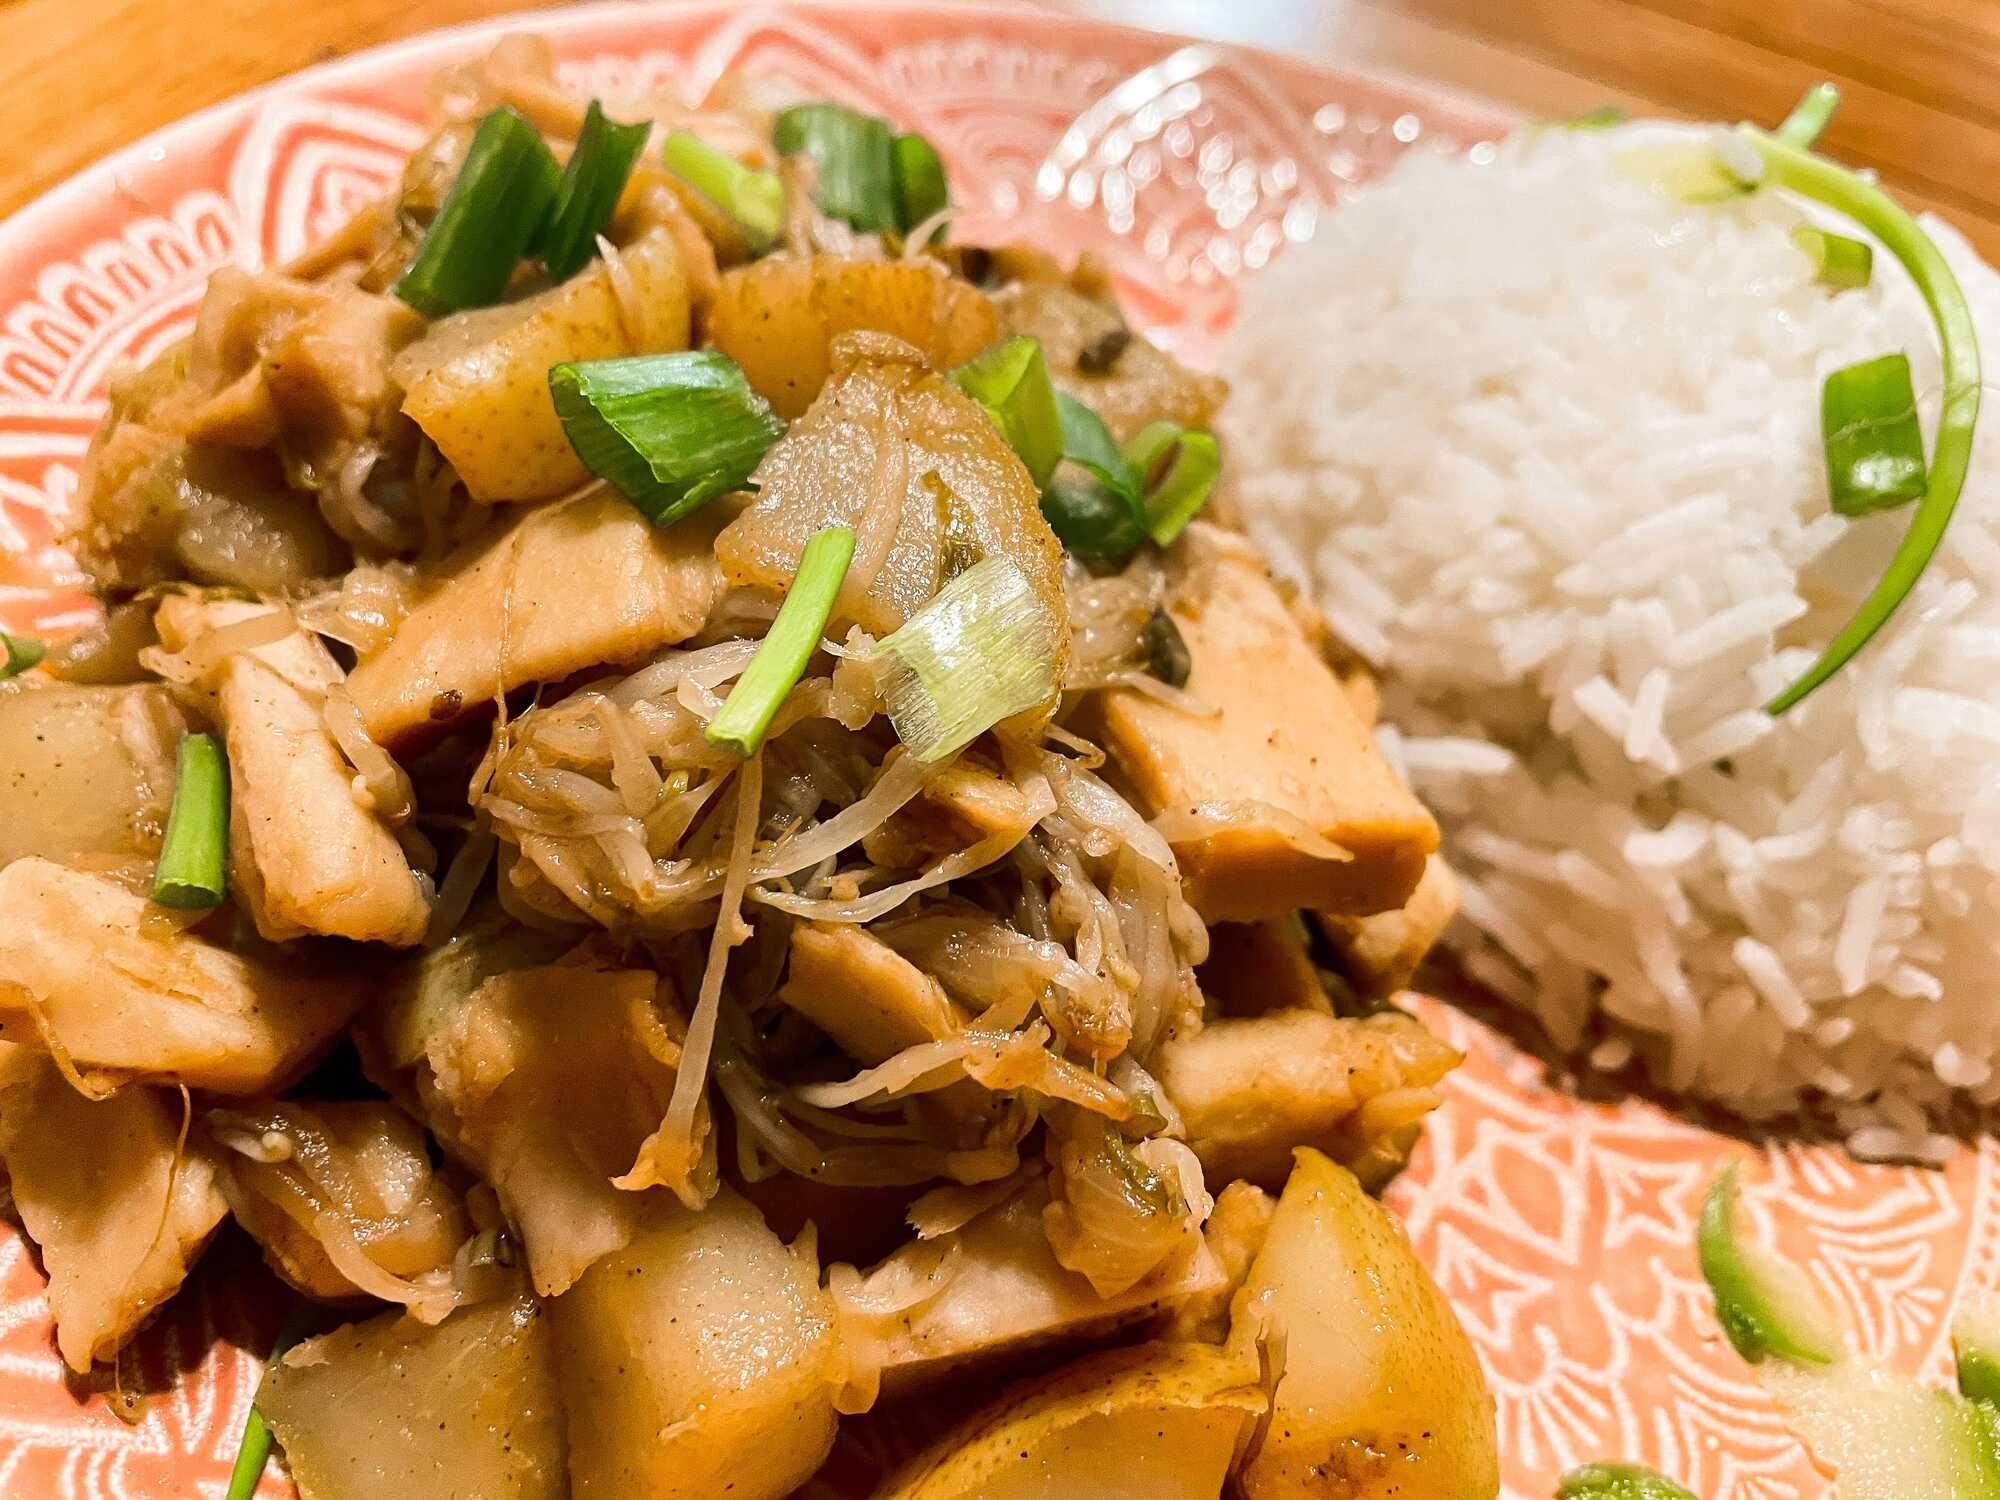 Les émincés de soja et poires caramélisées sont présentés dans une assiette rose et le plat est accompagné d'une boule de riz.